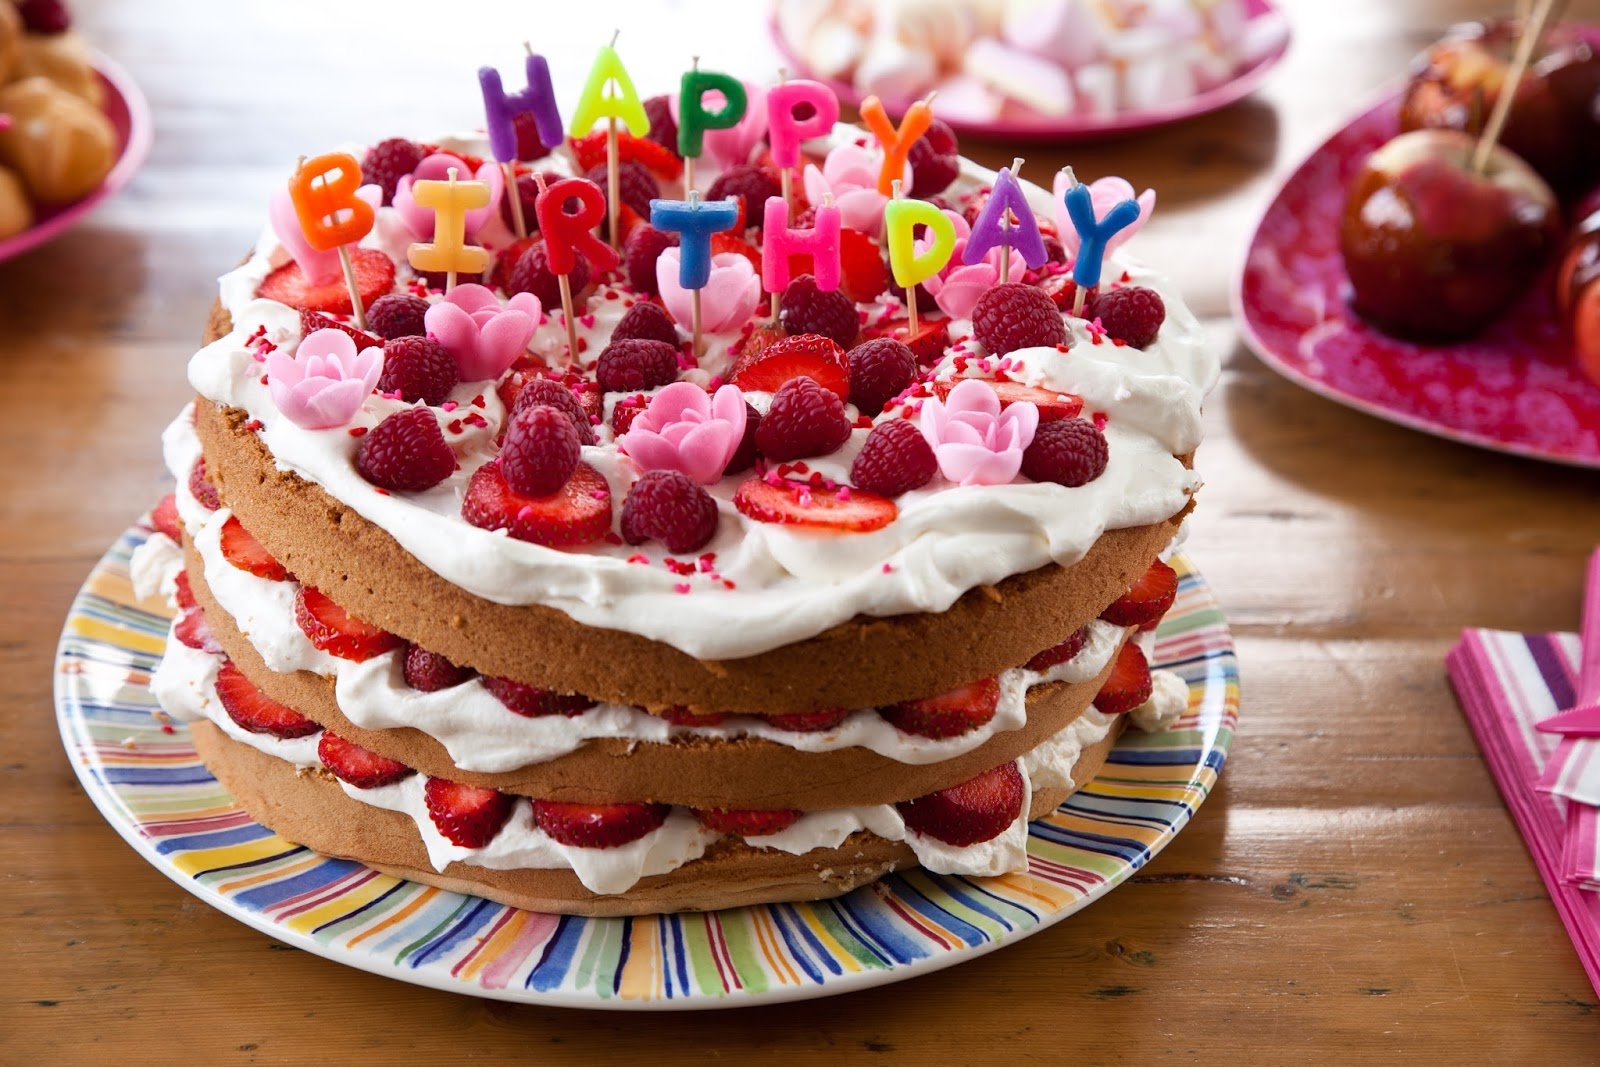 Imágenes Pasteles Bonitos Para Cumpleaños: Bonitos Pasteles De Cumpleaños Para Regalar